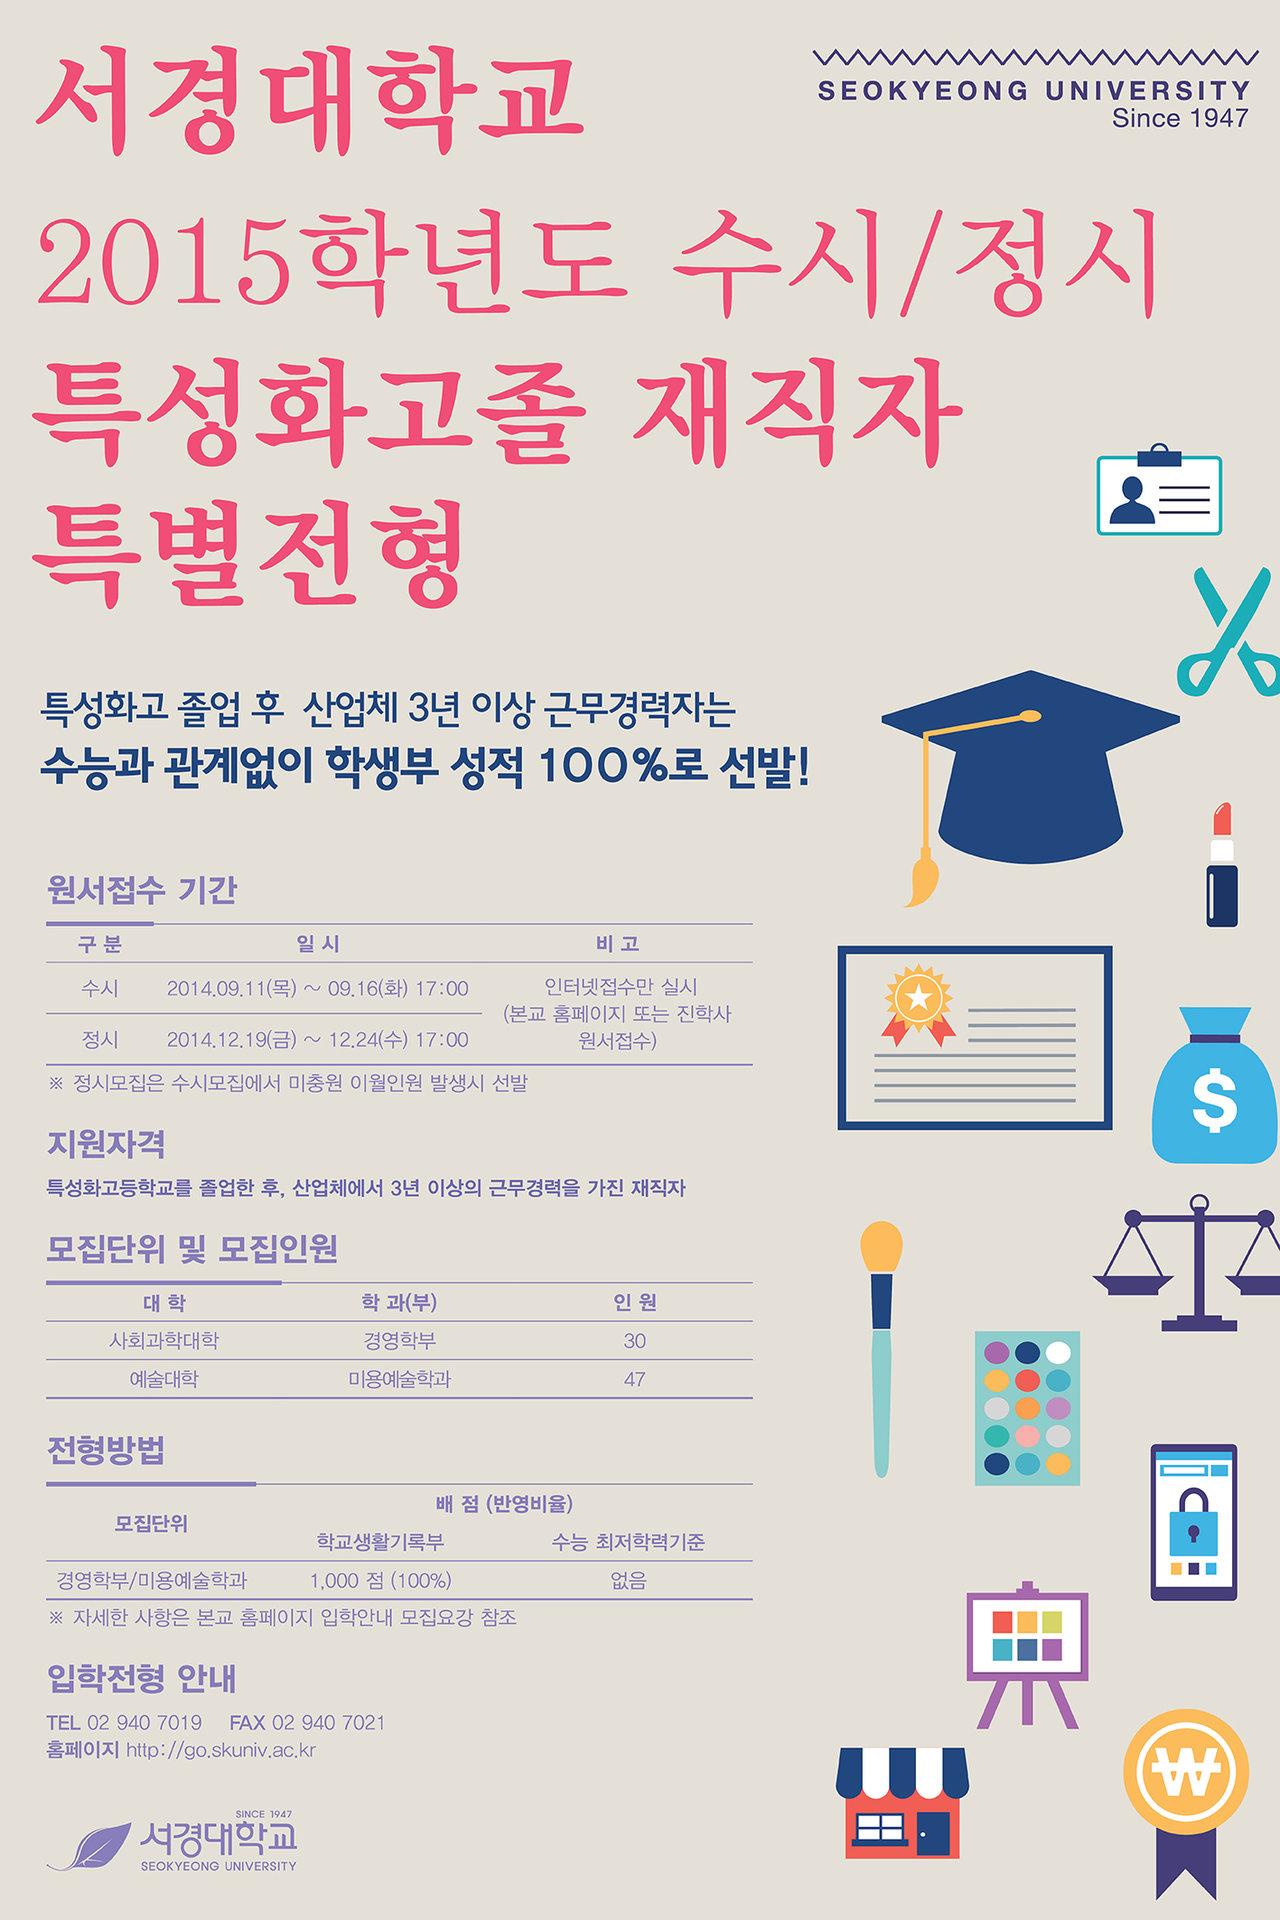 2014_07_17_서경대 특성화고졸재직자전형 홍보포스터!!.jpg